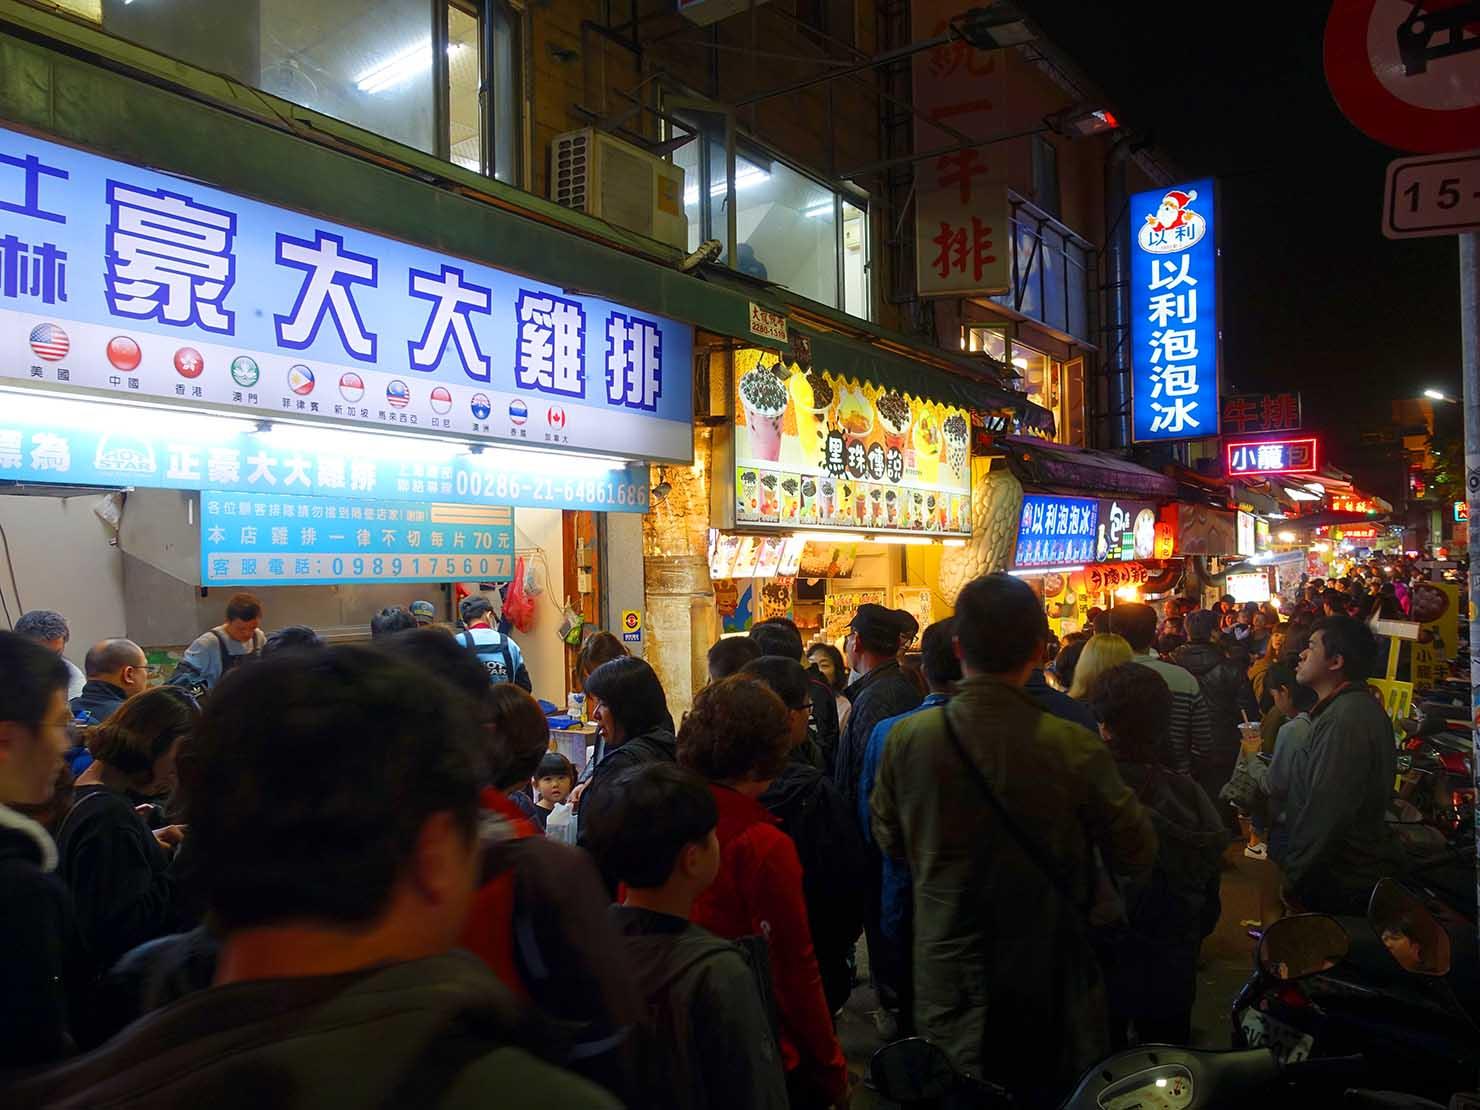 春節(旧正月)を迎えたの台北の観光スポット「士林夜市」